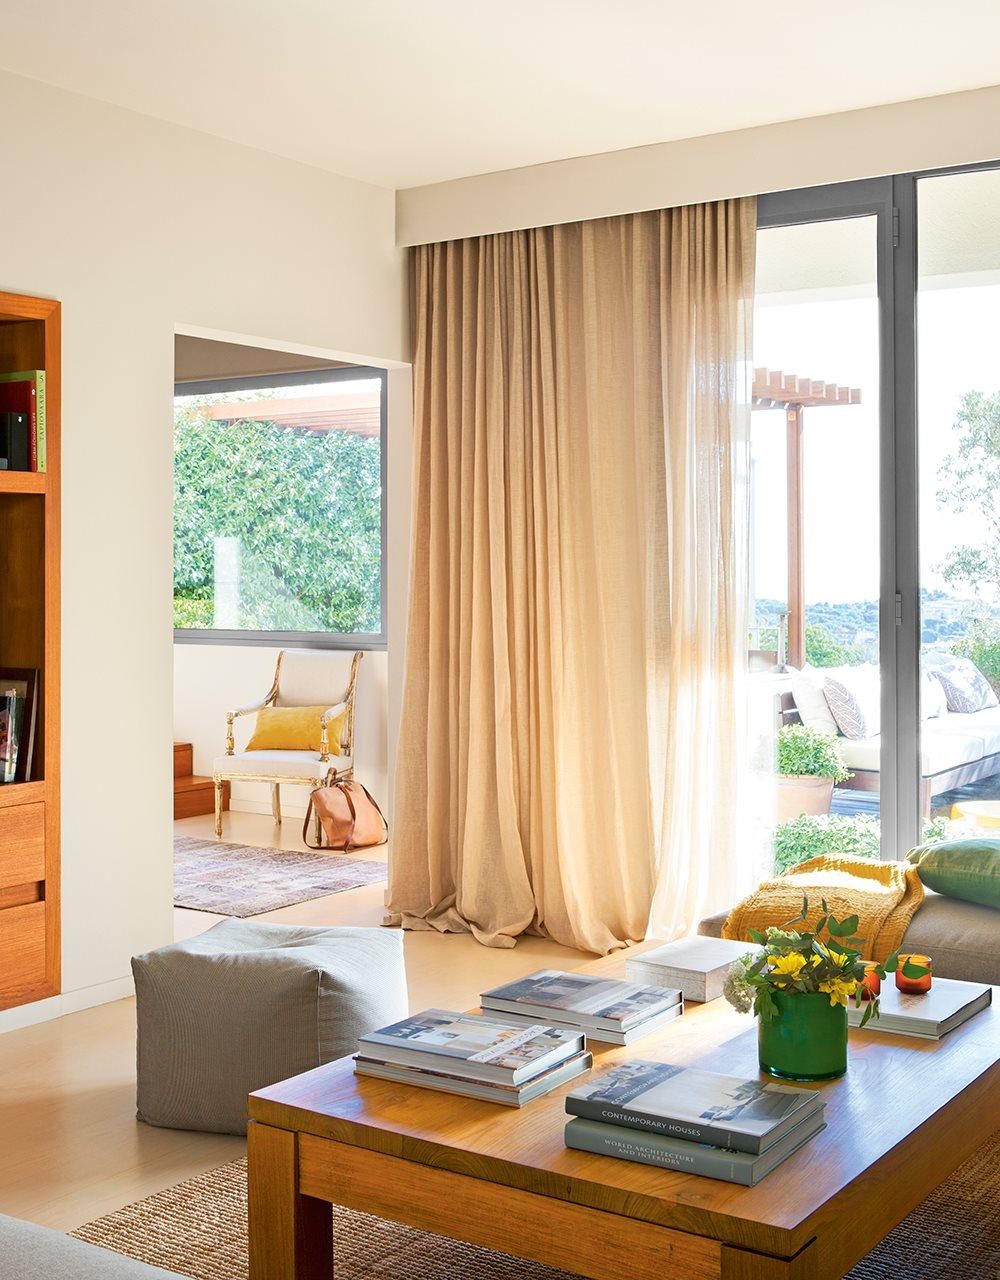 49 - El séptimo cielo: Una preciosa casa en Barcelona rehabilitada para mimar los sentidos